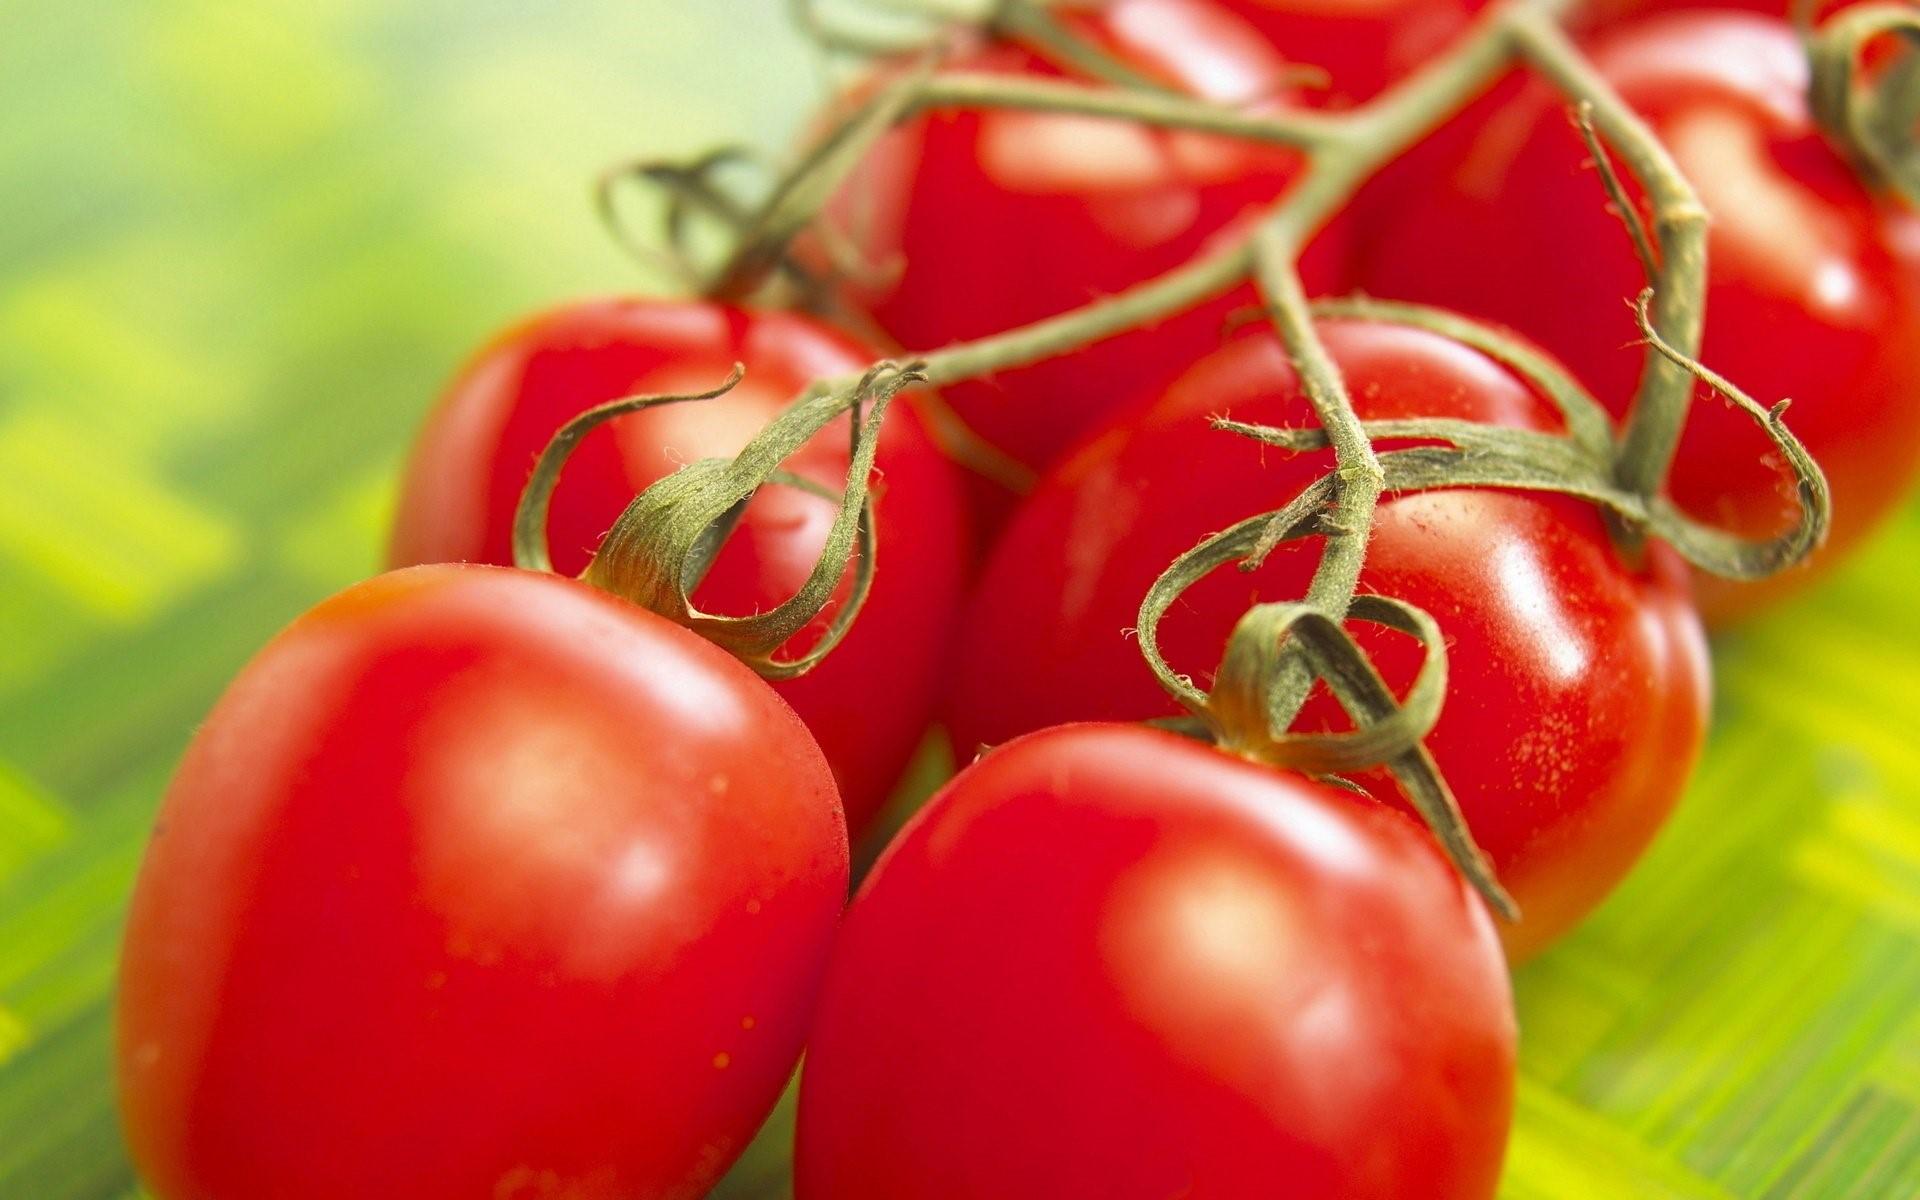 Hình nền quả cà chua đỏ mọng cho máy tính số 14